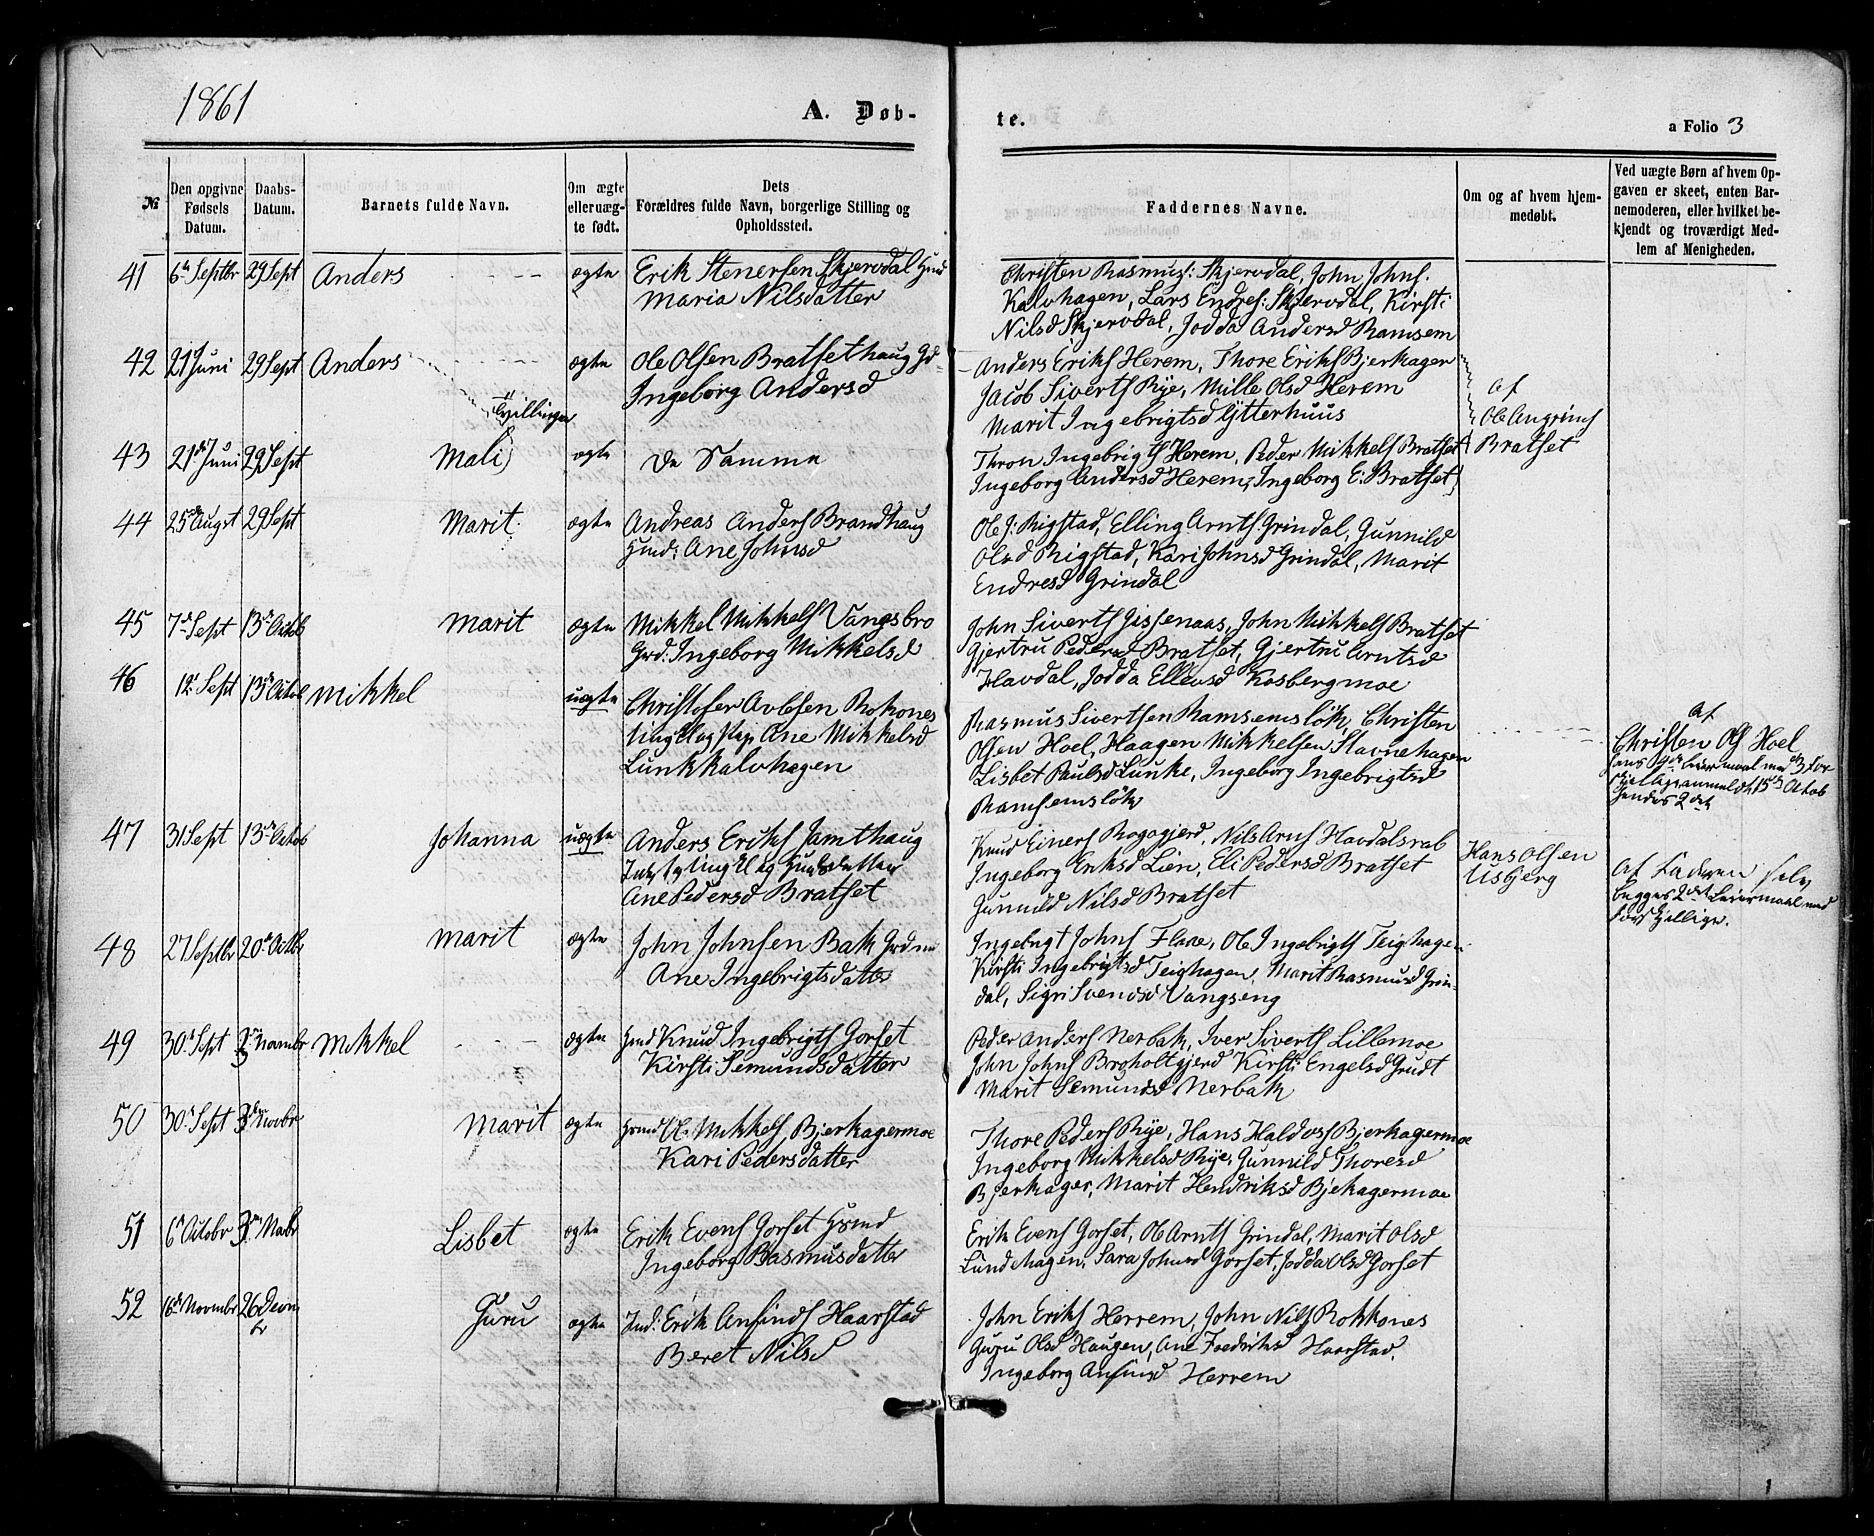 SAT, Ministerialprotokoller, klokkerbøker og fødselsregistre - Sør-Trøndelag, 674/L0870: Ministerialbok nr. 674A02, 1861-1879, s. 3